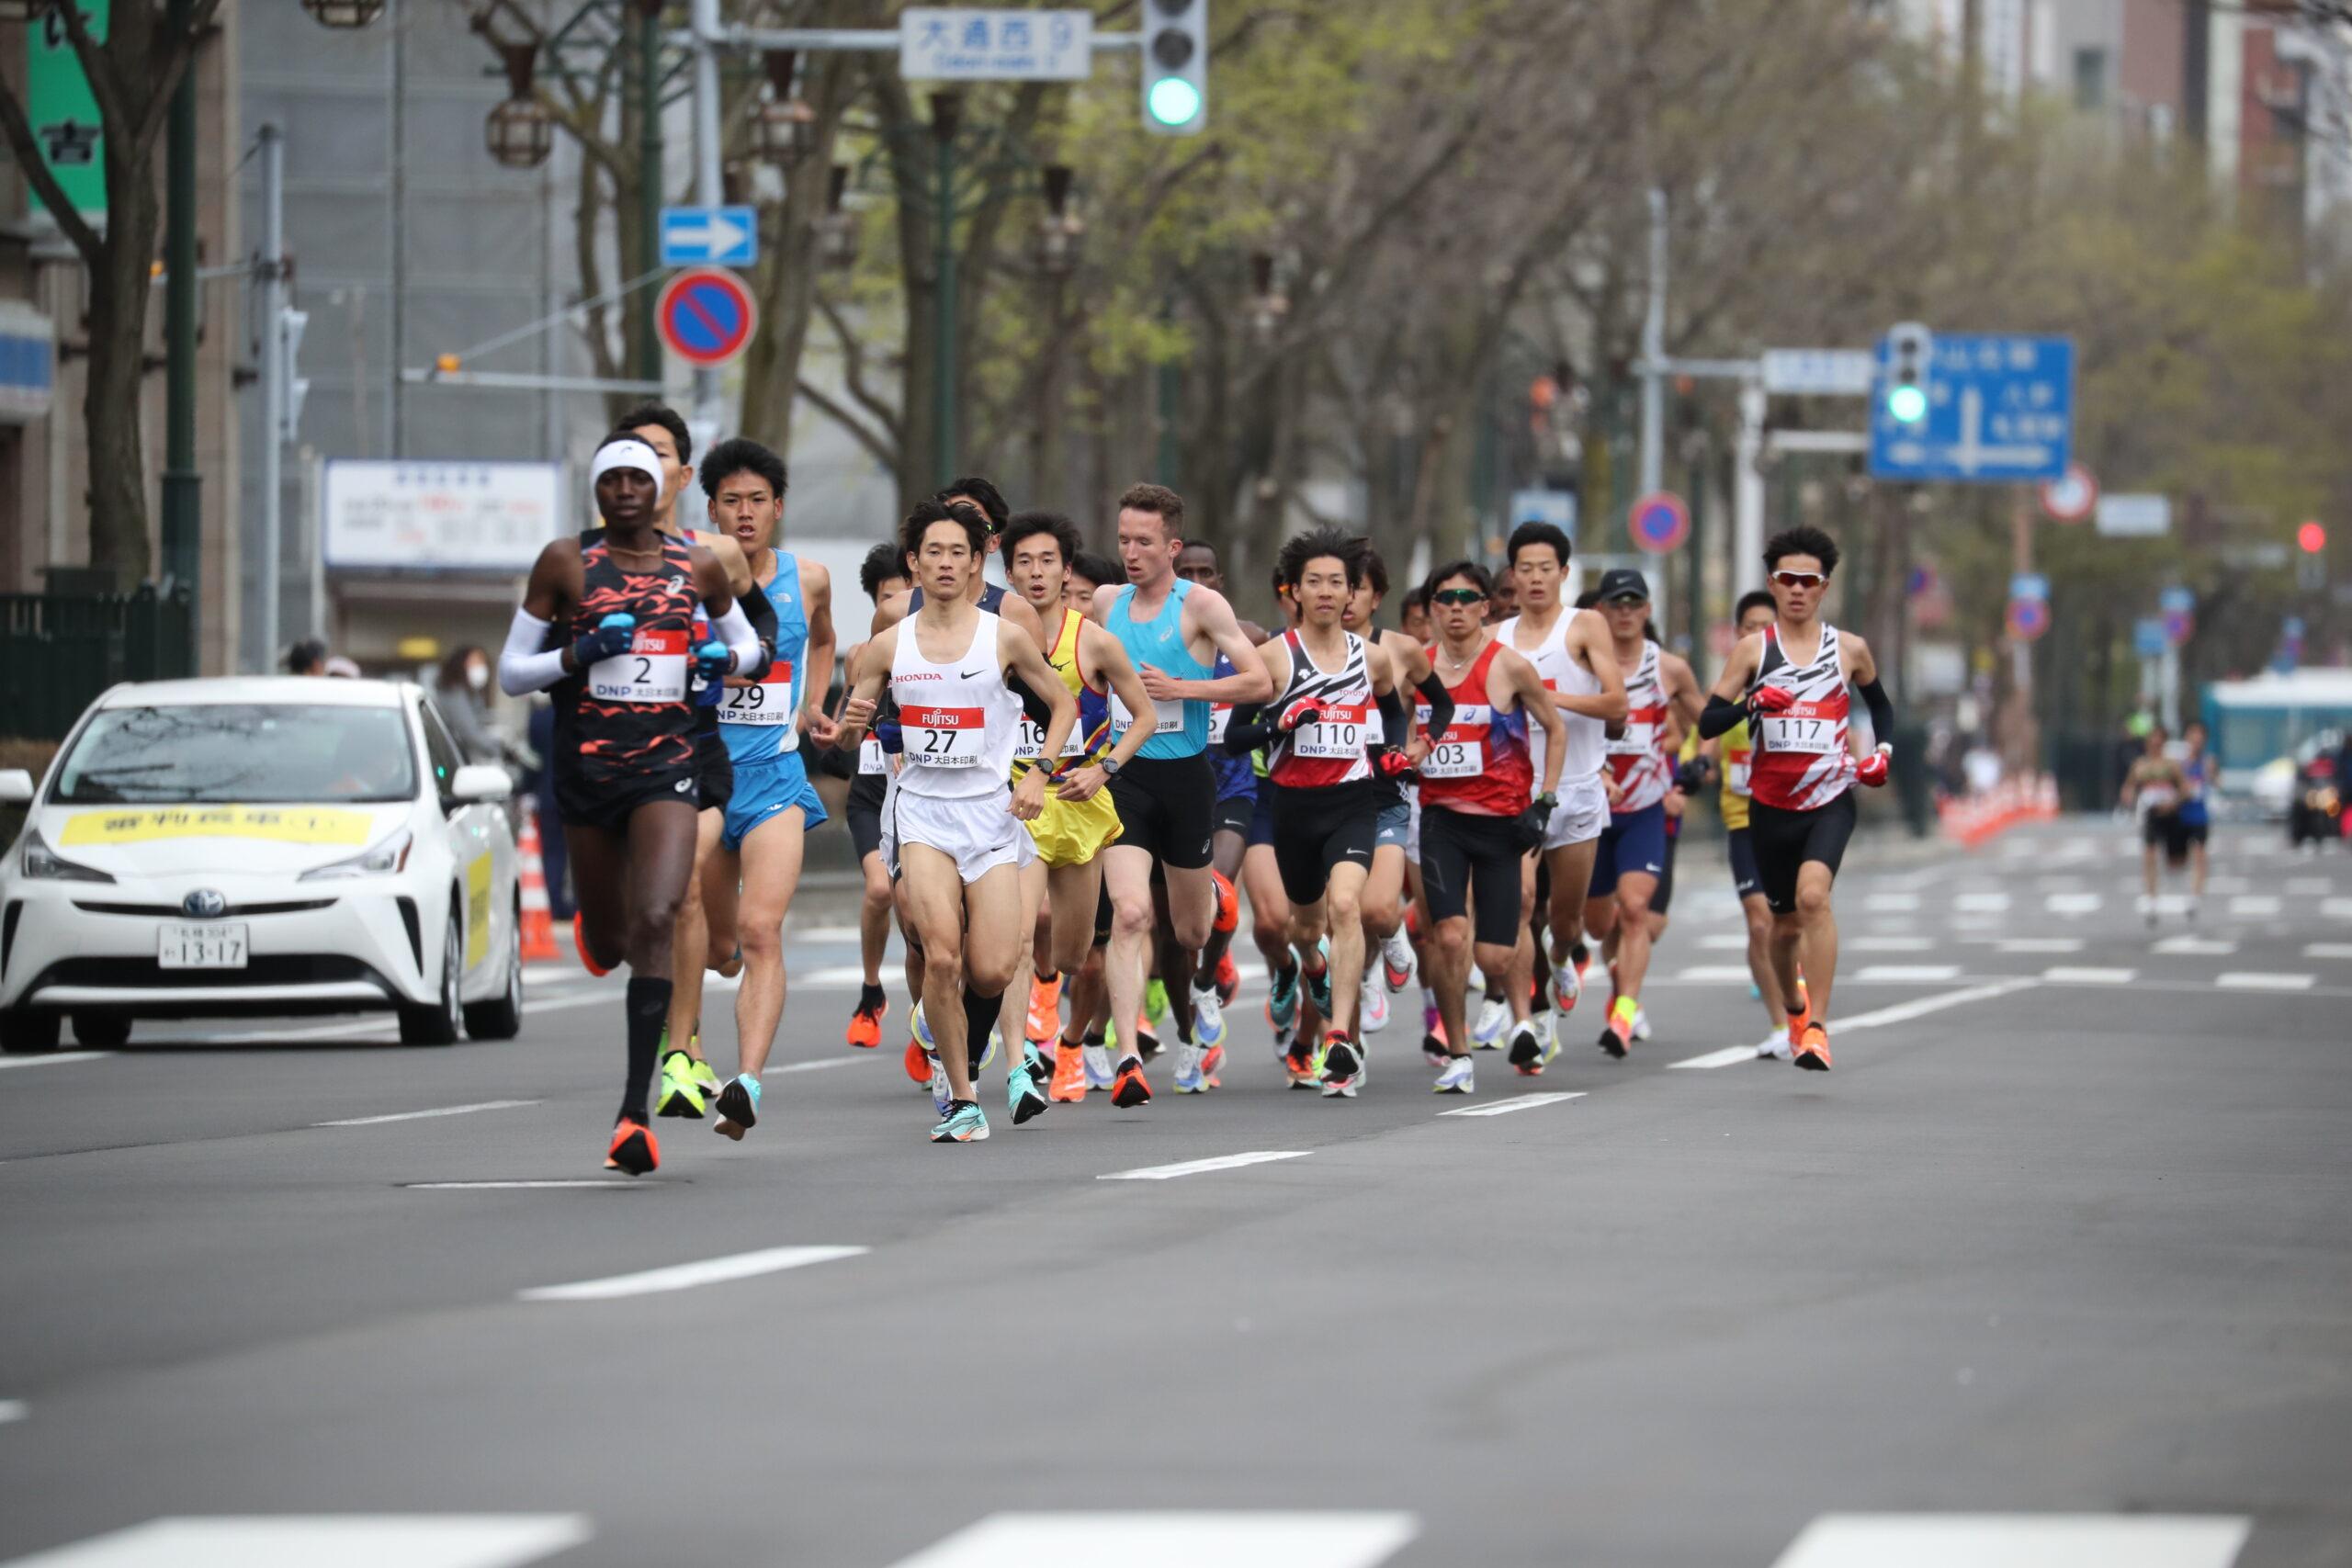 男子ハーフ木村慎が日本人トップ 服部勇馬も安定した走り披露/東京五輪マラソンイベント